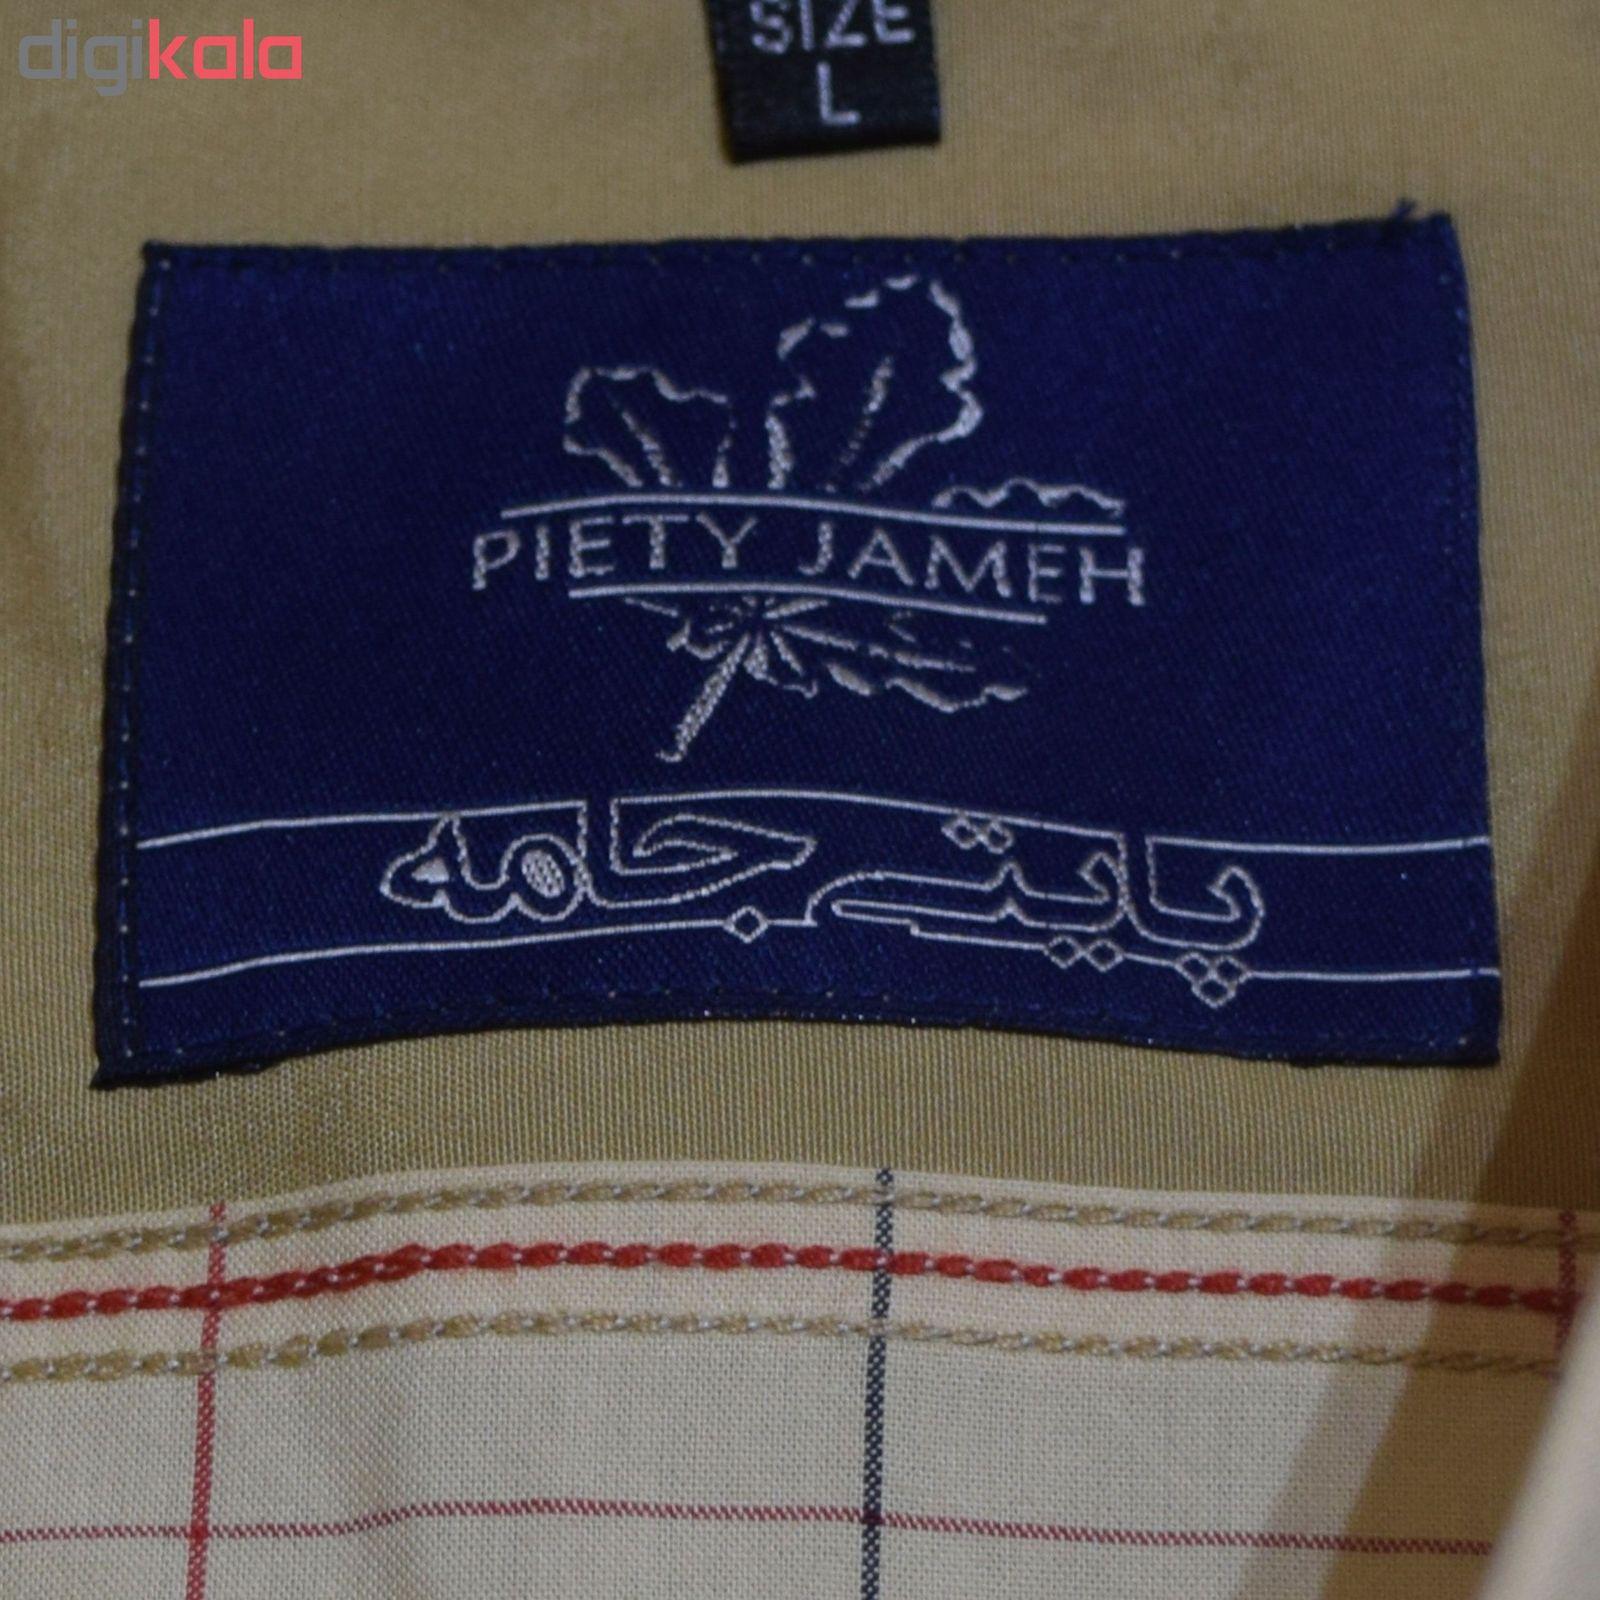 پیراهن مردانه پایتی جامه کد 1901513 main 1 5